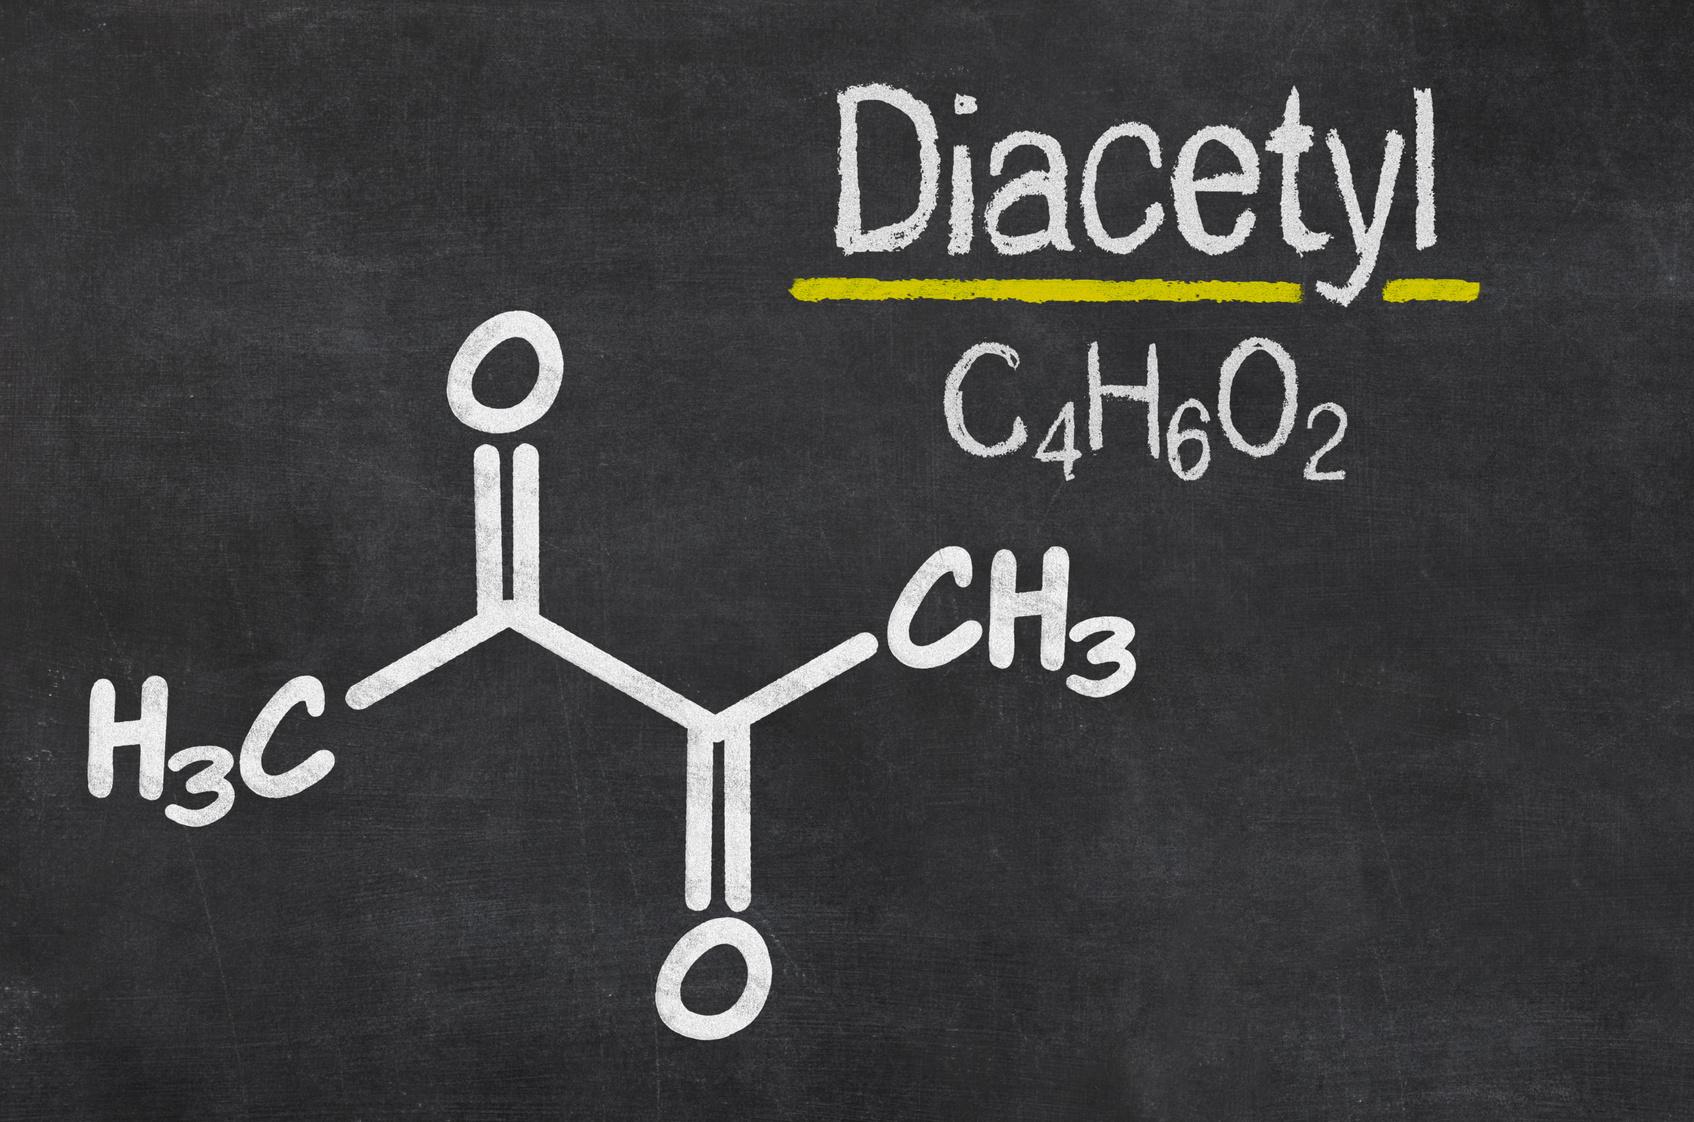 Schiefertafel mit der chemischen Formel von Diacetyl